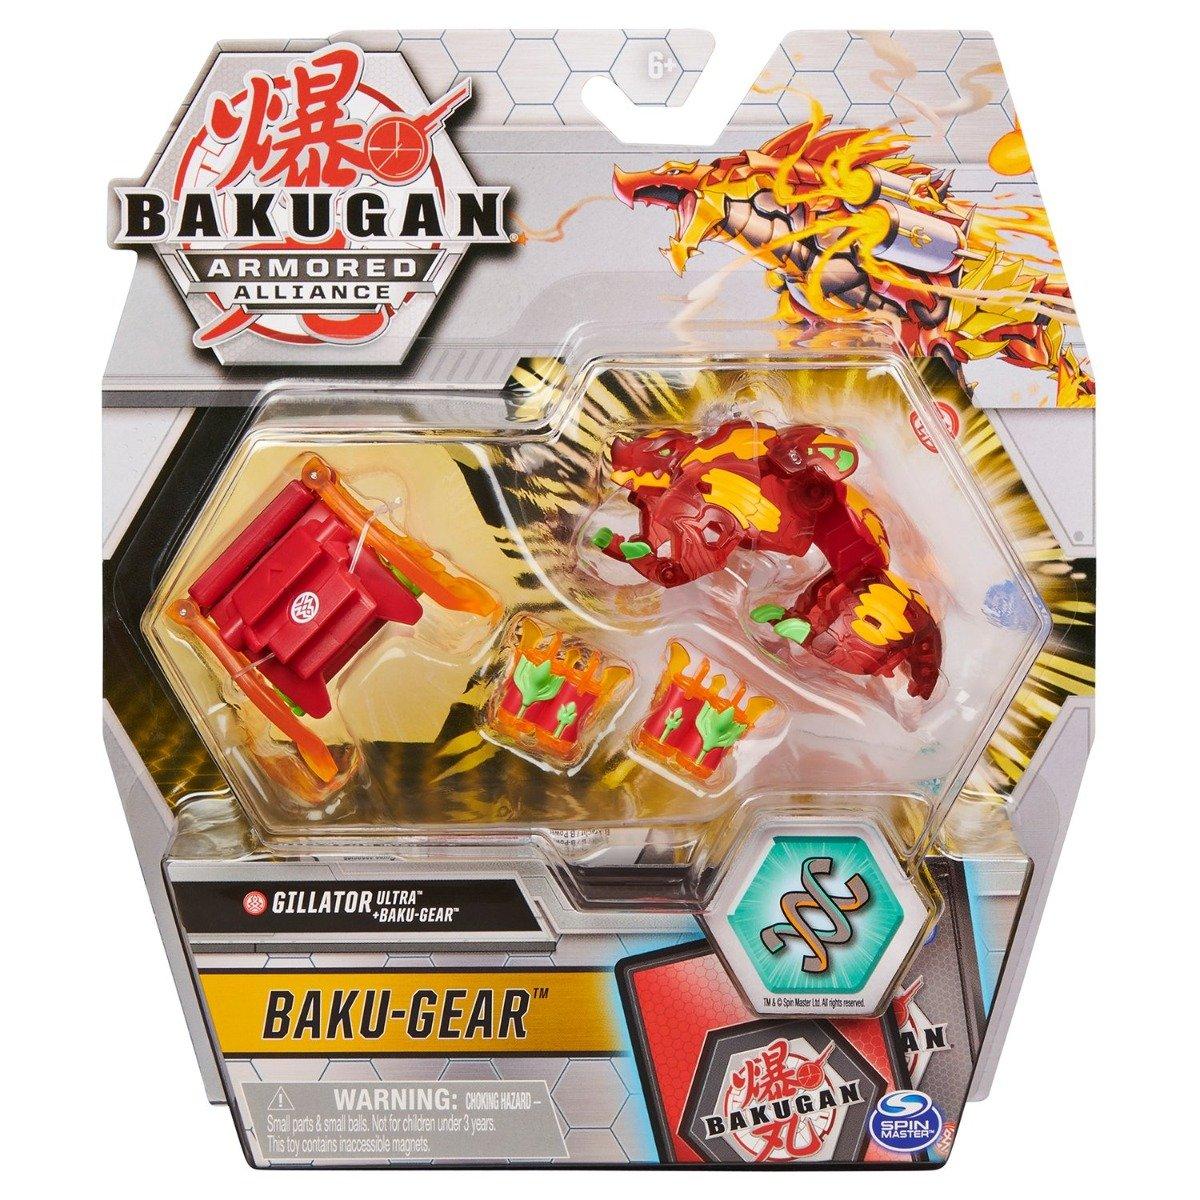 Figurina Bakugan Armored Alliance, Gillator Ultra, Baku-Gear, 20126518